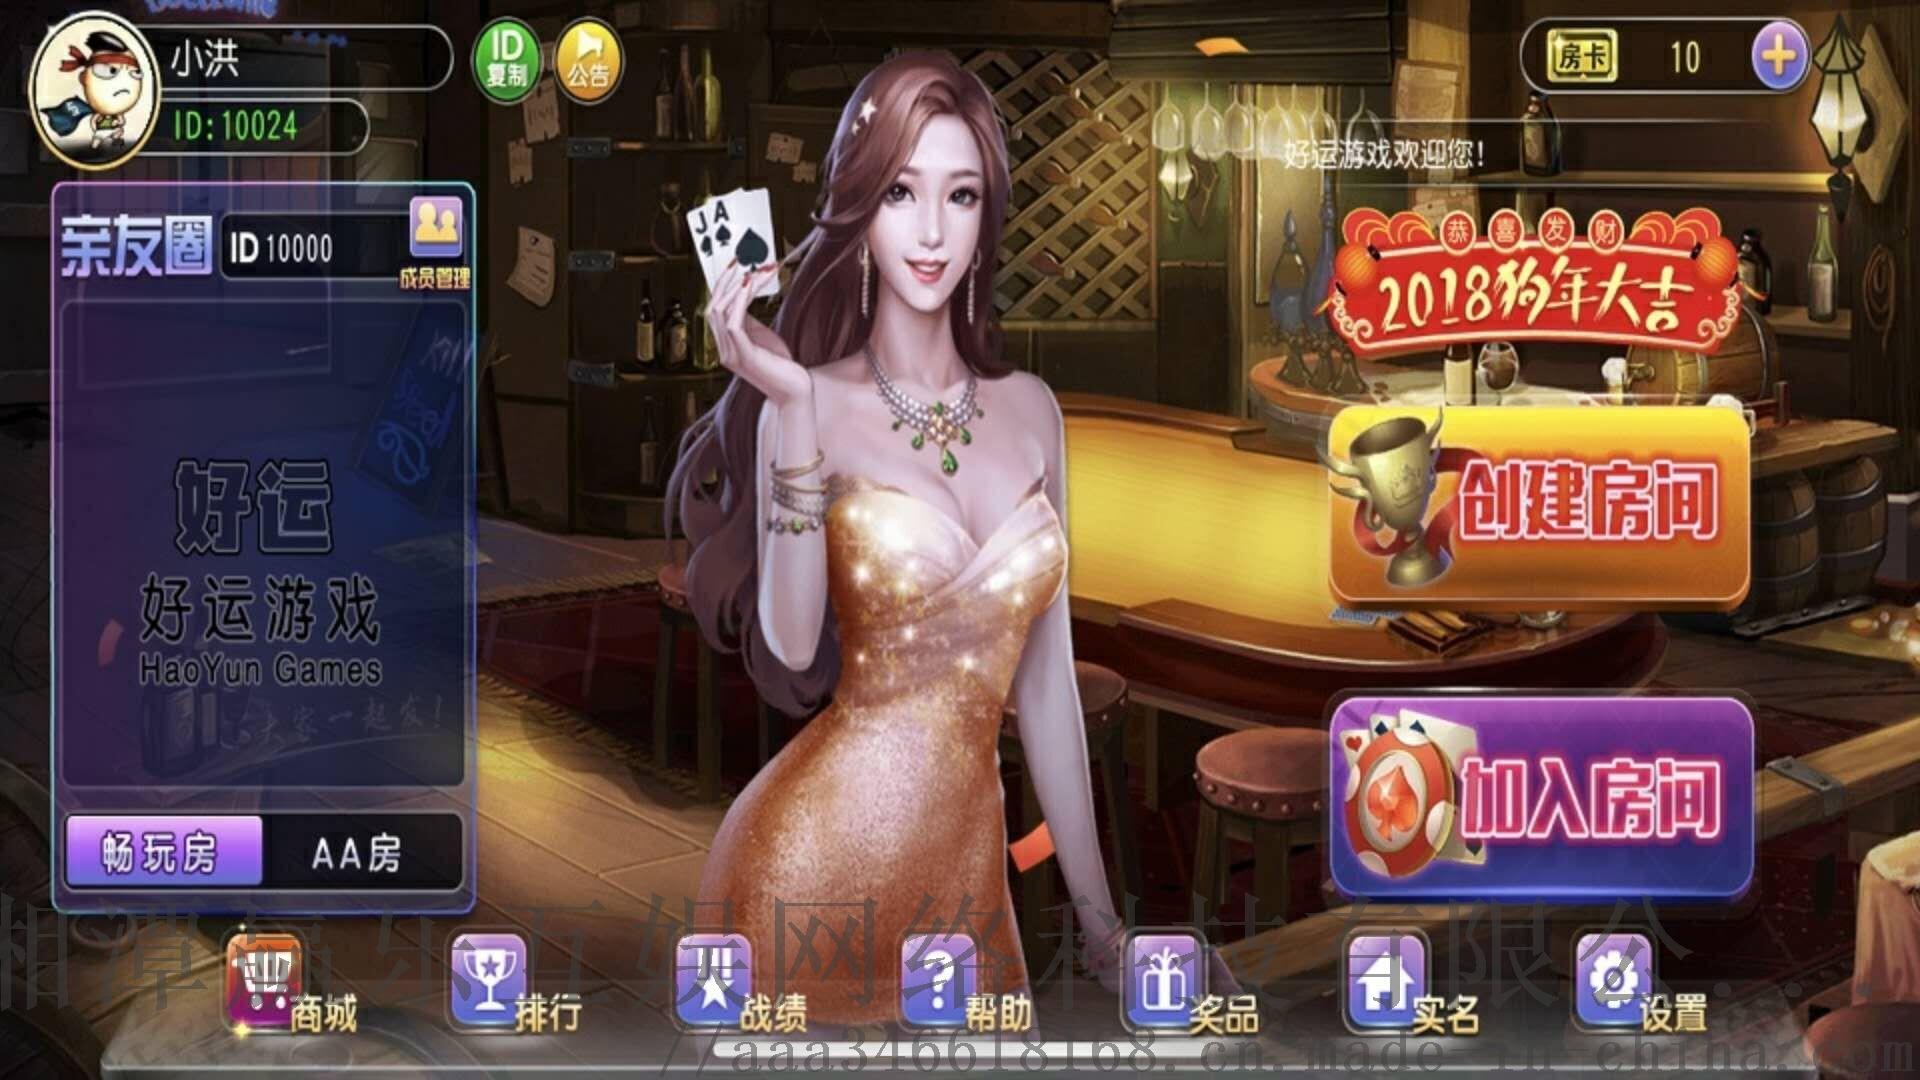 好运娱乐平台_好运棋牌客服,好运棋牌代理    游戏产品的诞生是提供给玩家娱乐的